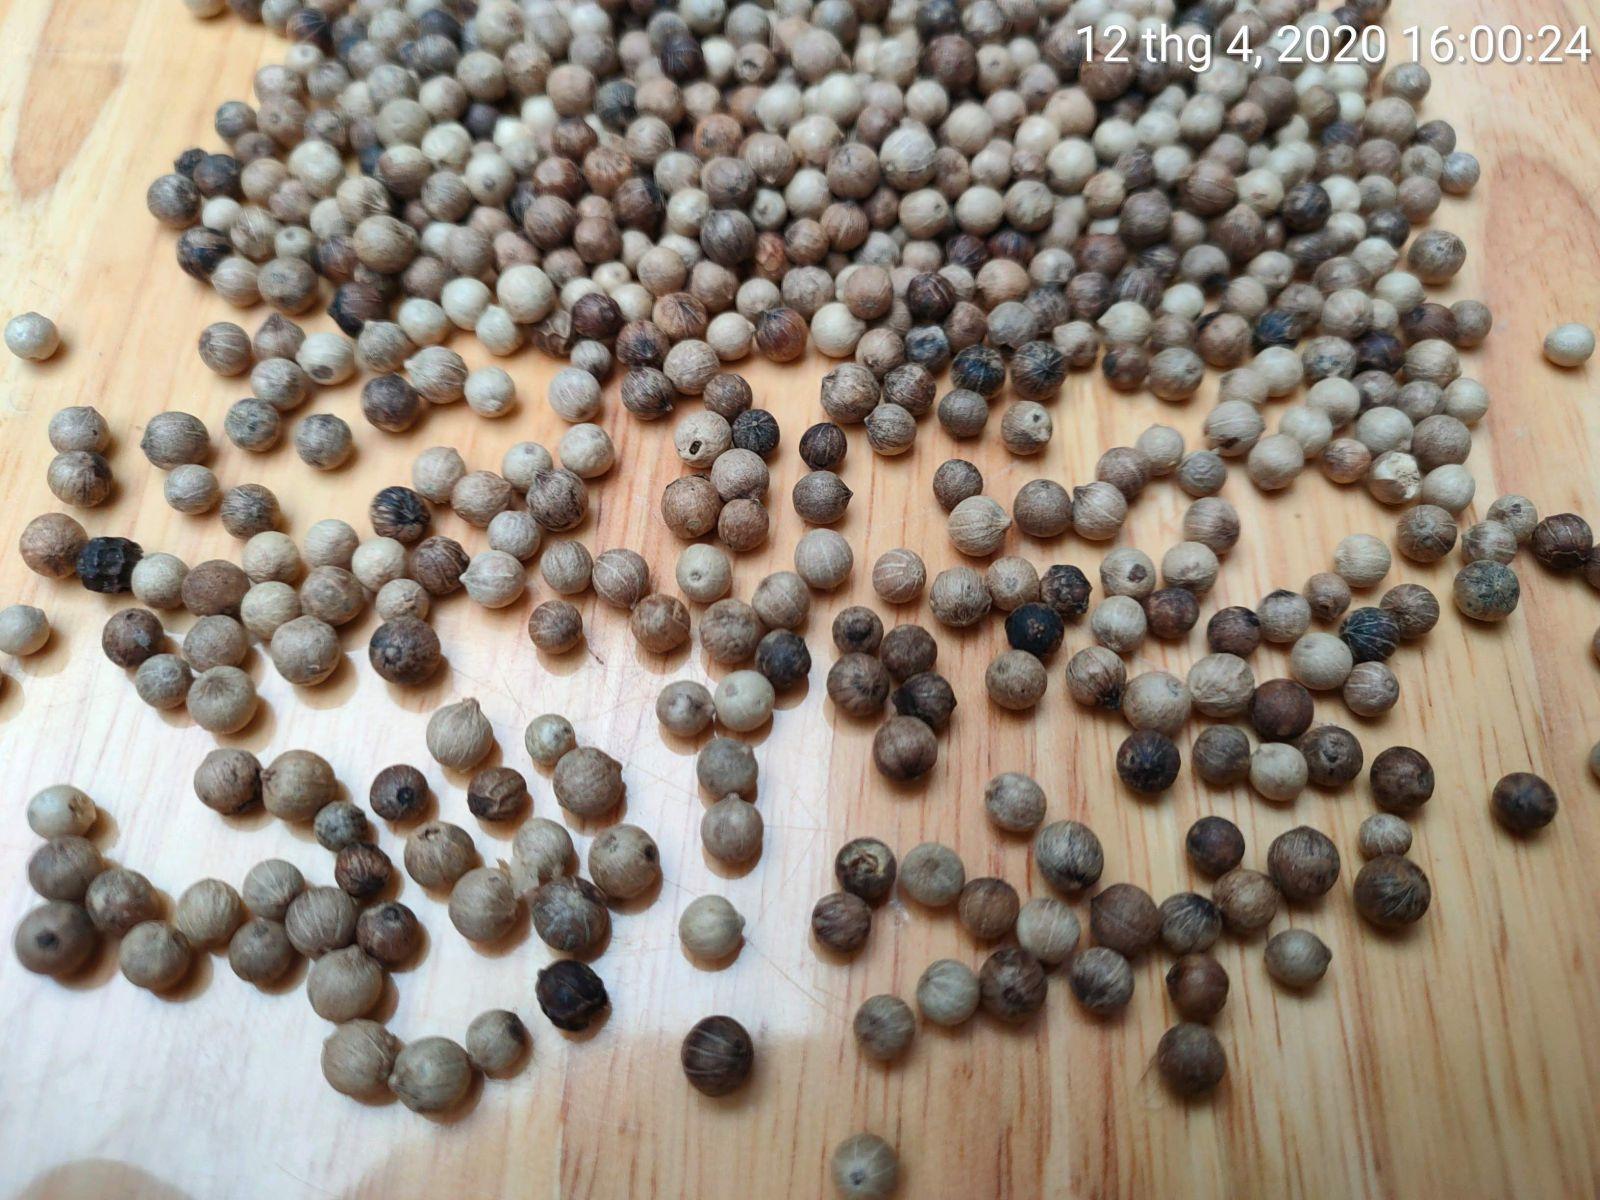 Tiêu sọ hạt Mỹ Lộc